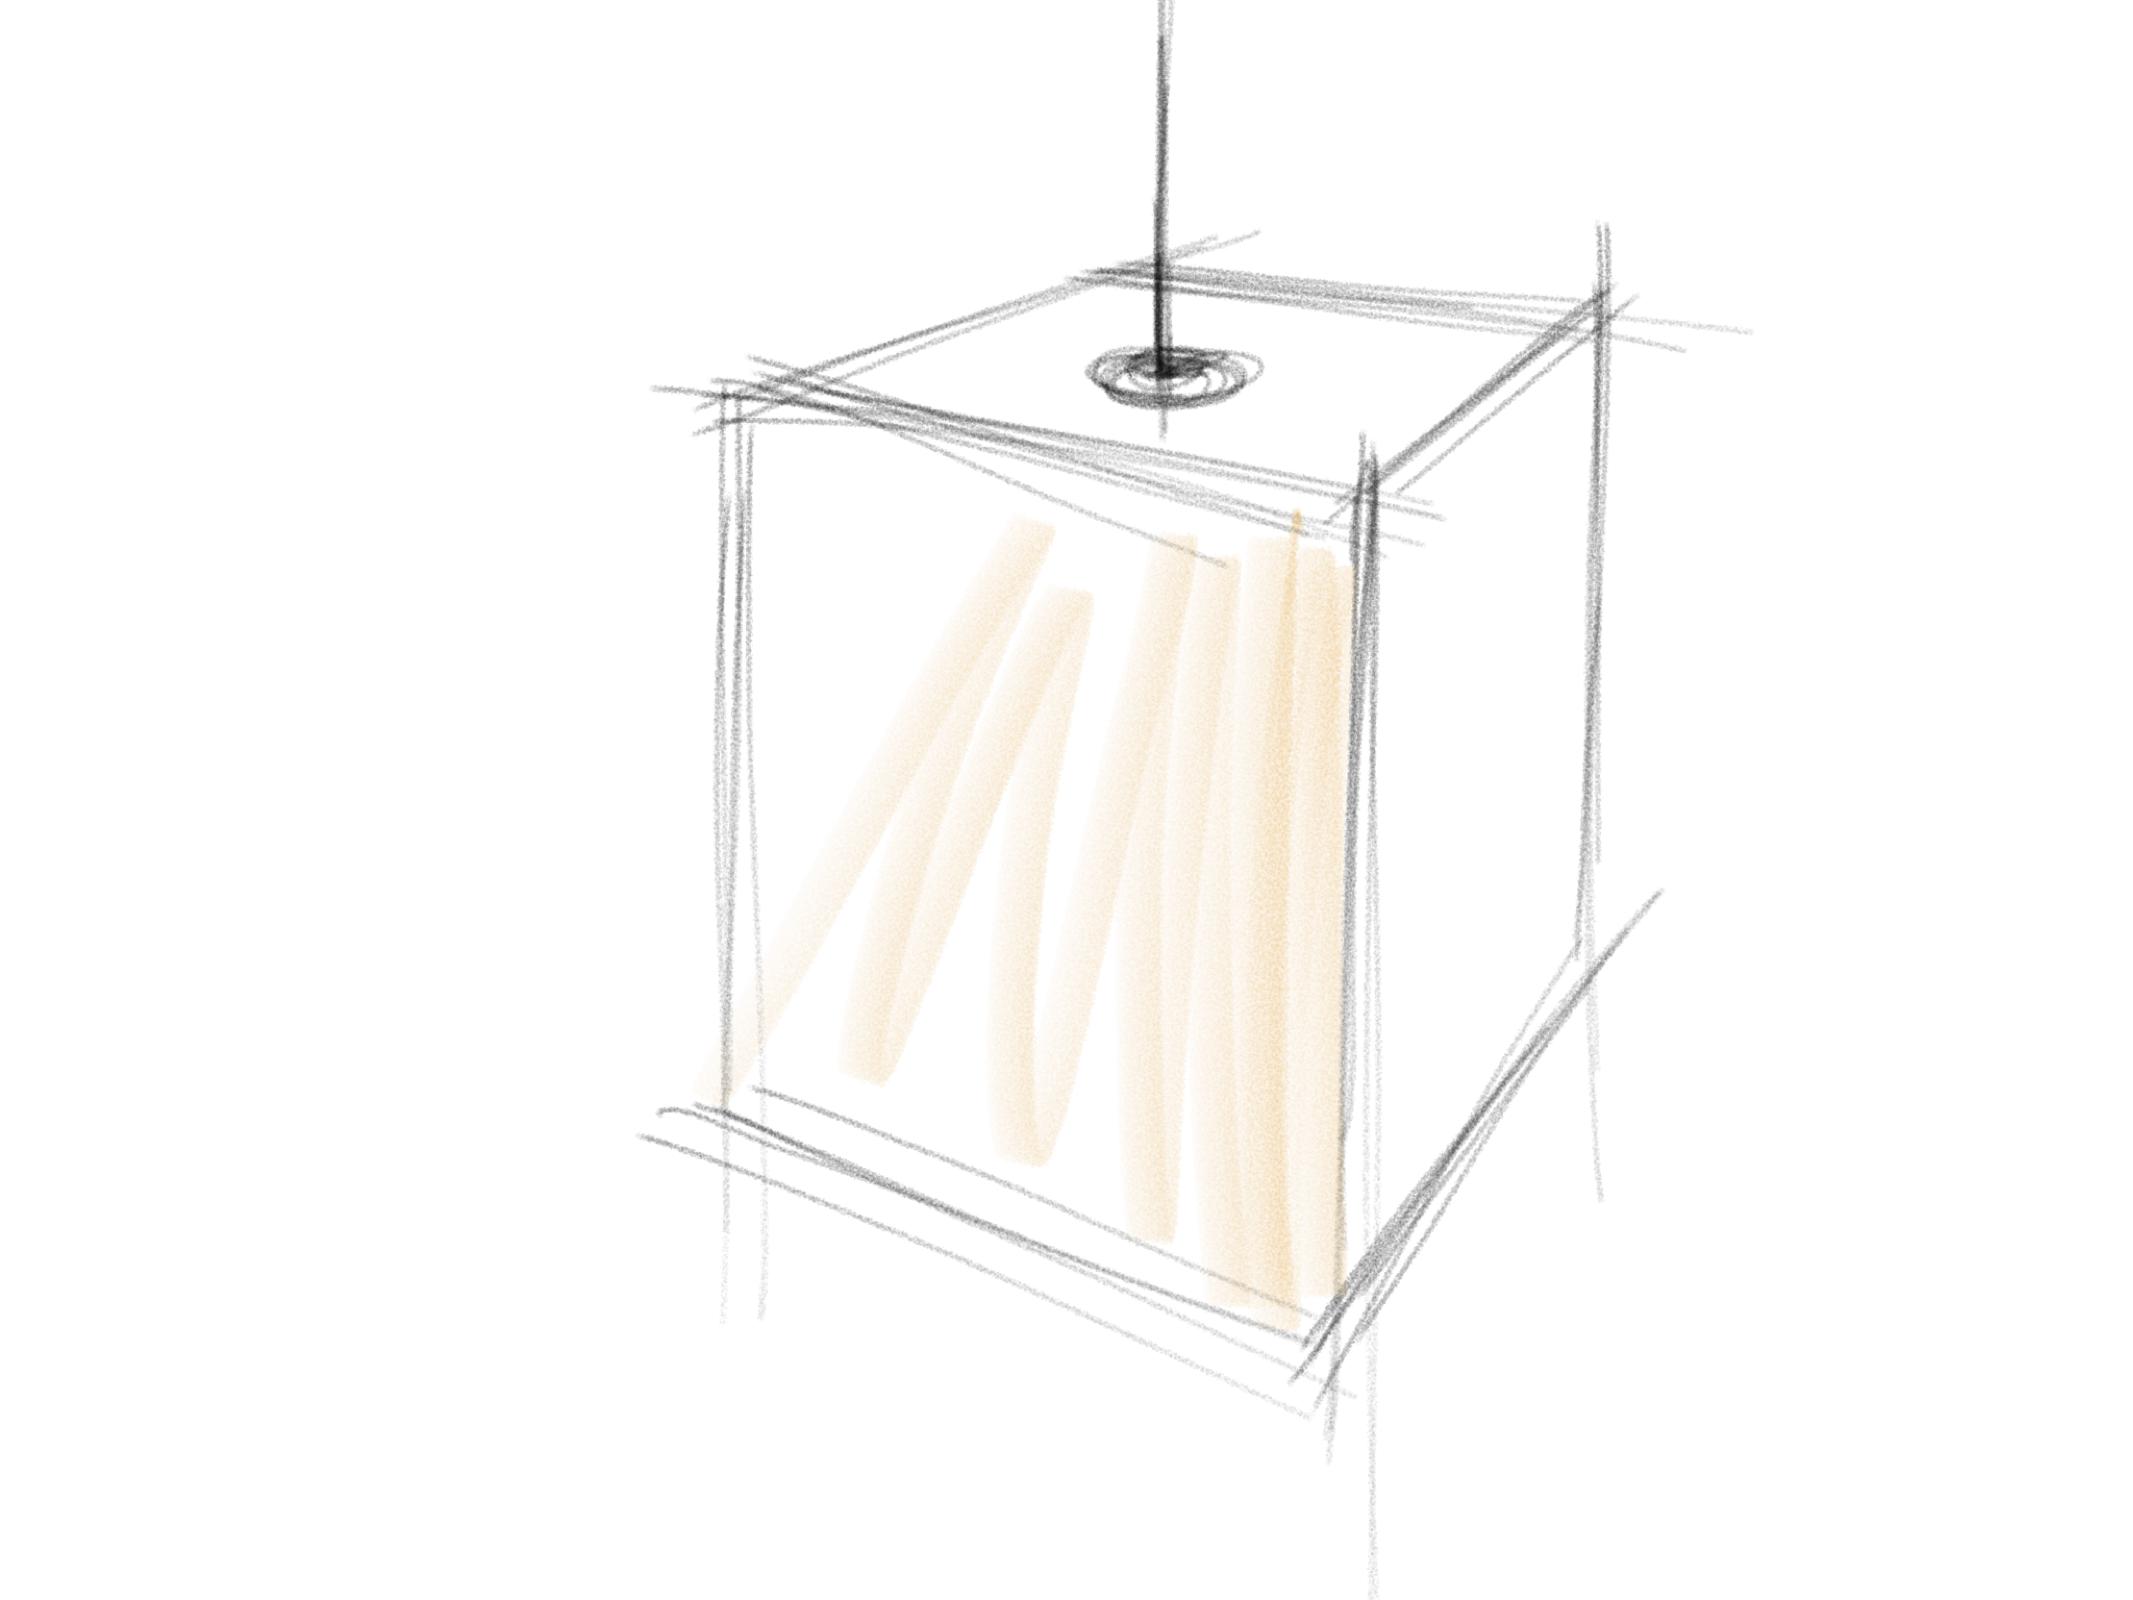 Concept 4: a lantern